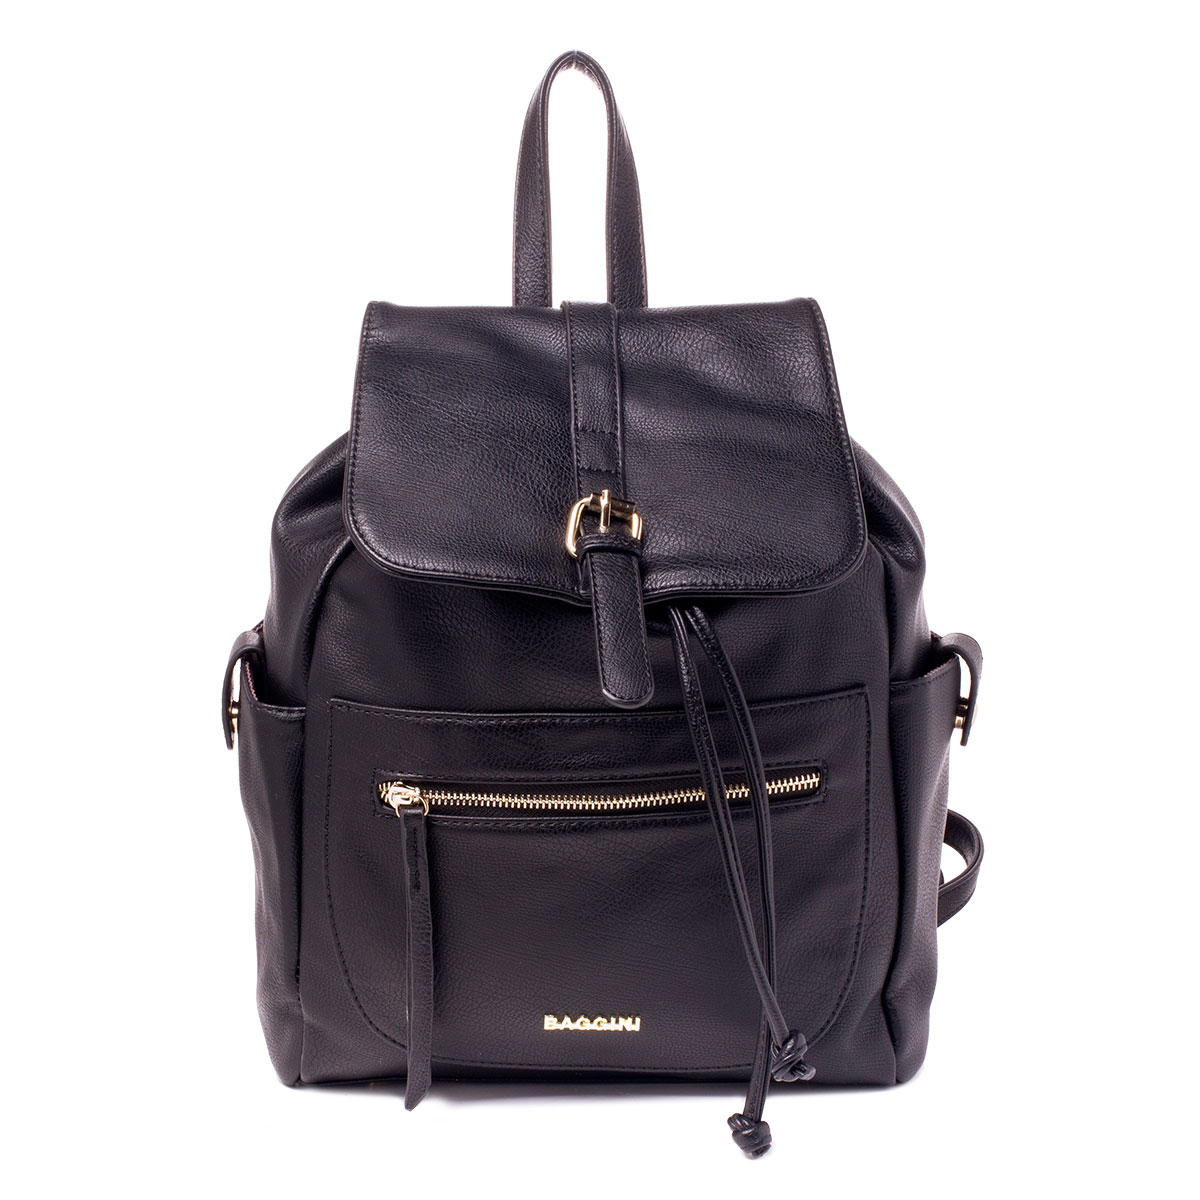 Рюкзак женский Baggini, цвет: черный. 29719/10ML597BUL/DСтильный женский рюкзак Baggini выполнен из высококачественной искусственной кожи. Рюкзак имеет одно вместительное основное отделение, которое закрывается клапаном с магнитной застежкой. Внутри располагается прорезной карман на молнии и два накладных кармашка для мелочей. Рюкзак дополнен прорезным карманом на молнии спереди, двумя накладными карманами с хлястиками на магнитных кнопках по бокам и прорезным карманом на молнии на задней стенке. Модель оснащена узкими лямками и небольшой ручкой сверху. Лямки регулируются по длине. На дне рюкзака расположены металлические ножки.Этот рюкзак станет практичным и модным городским аксессуаром.